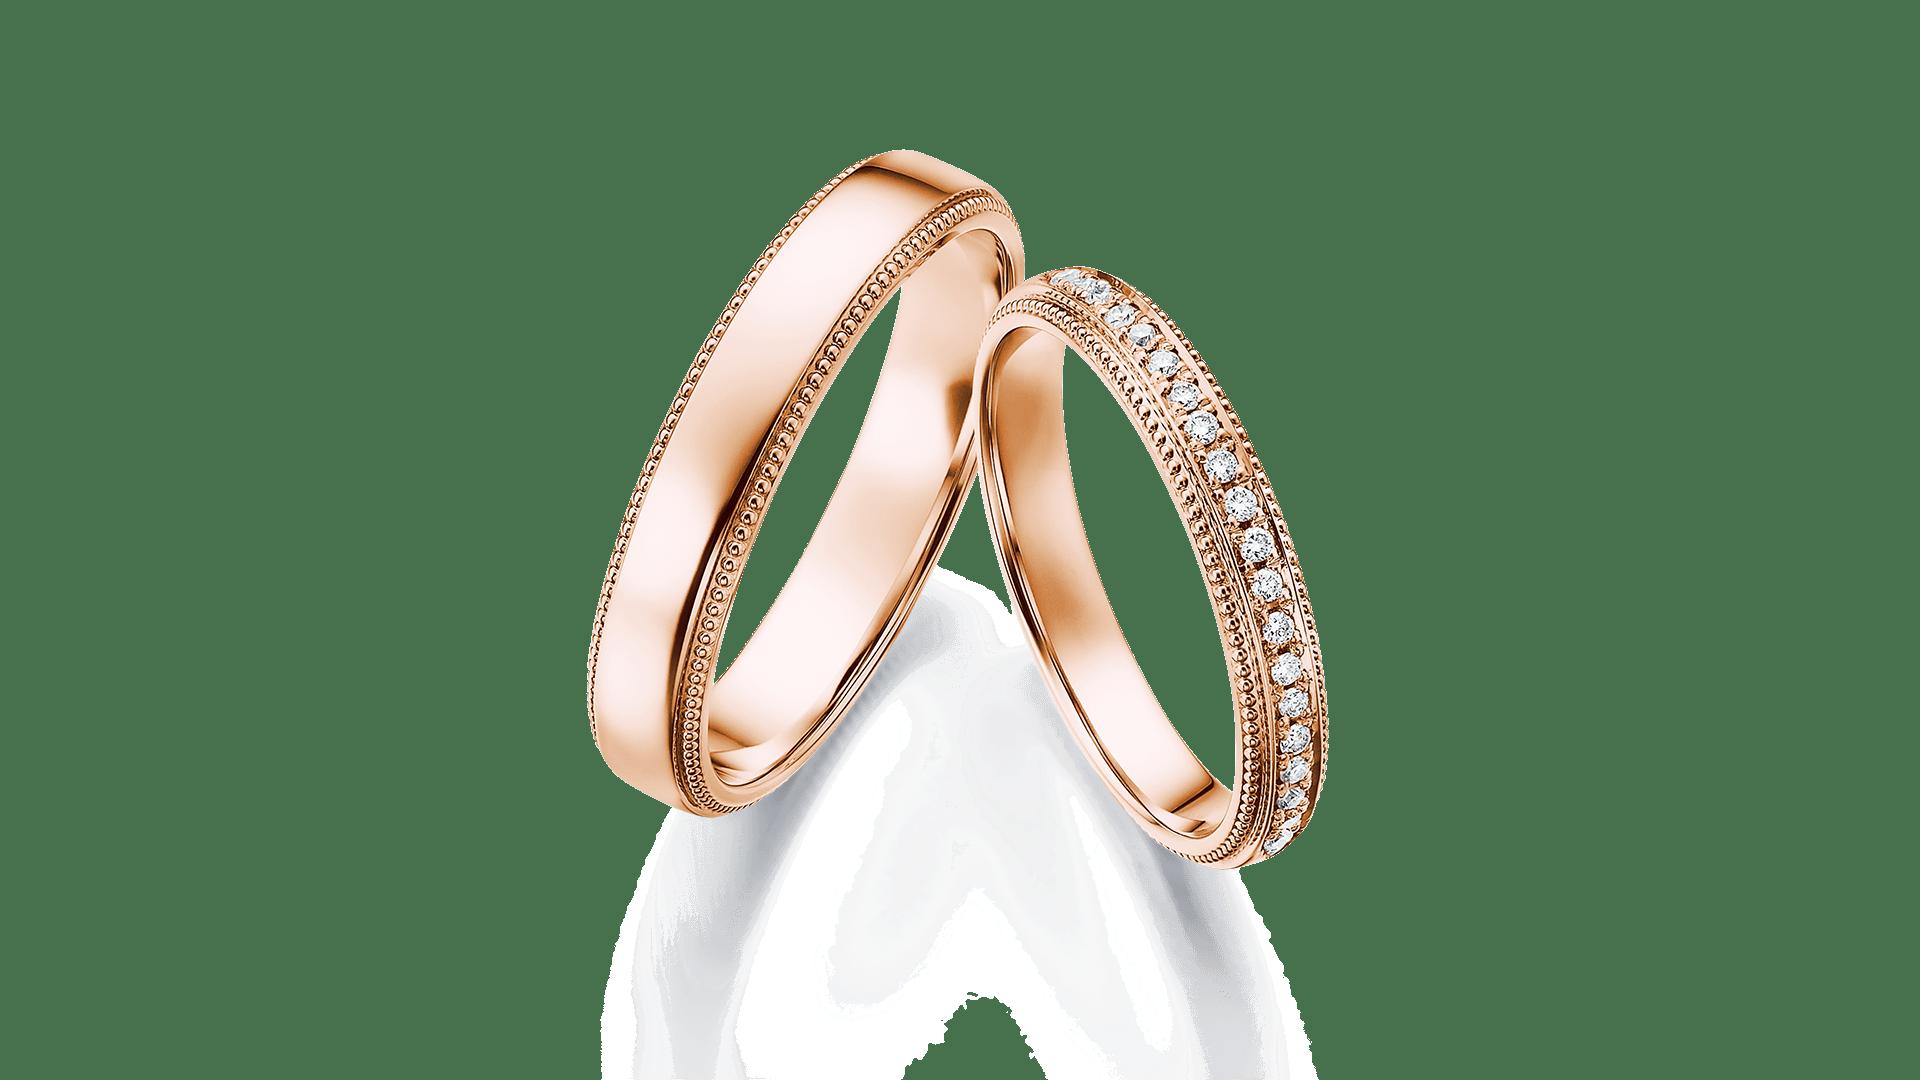 frey DR20 フレイ DR20 | 結婚指輪サムネイル 2